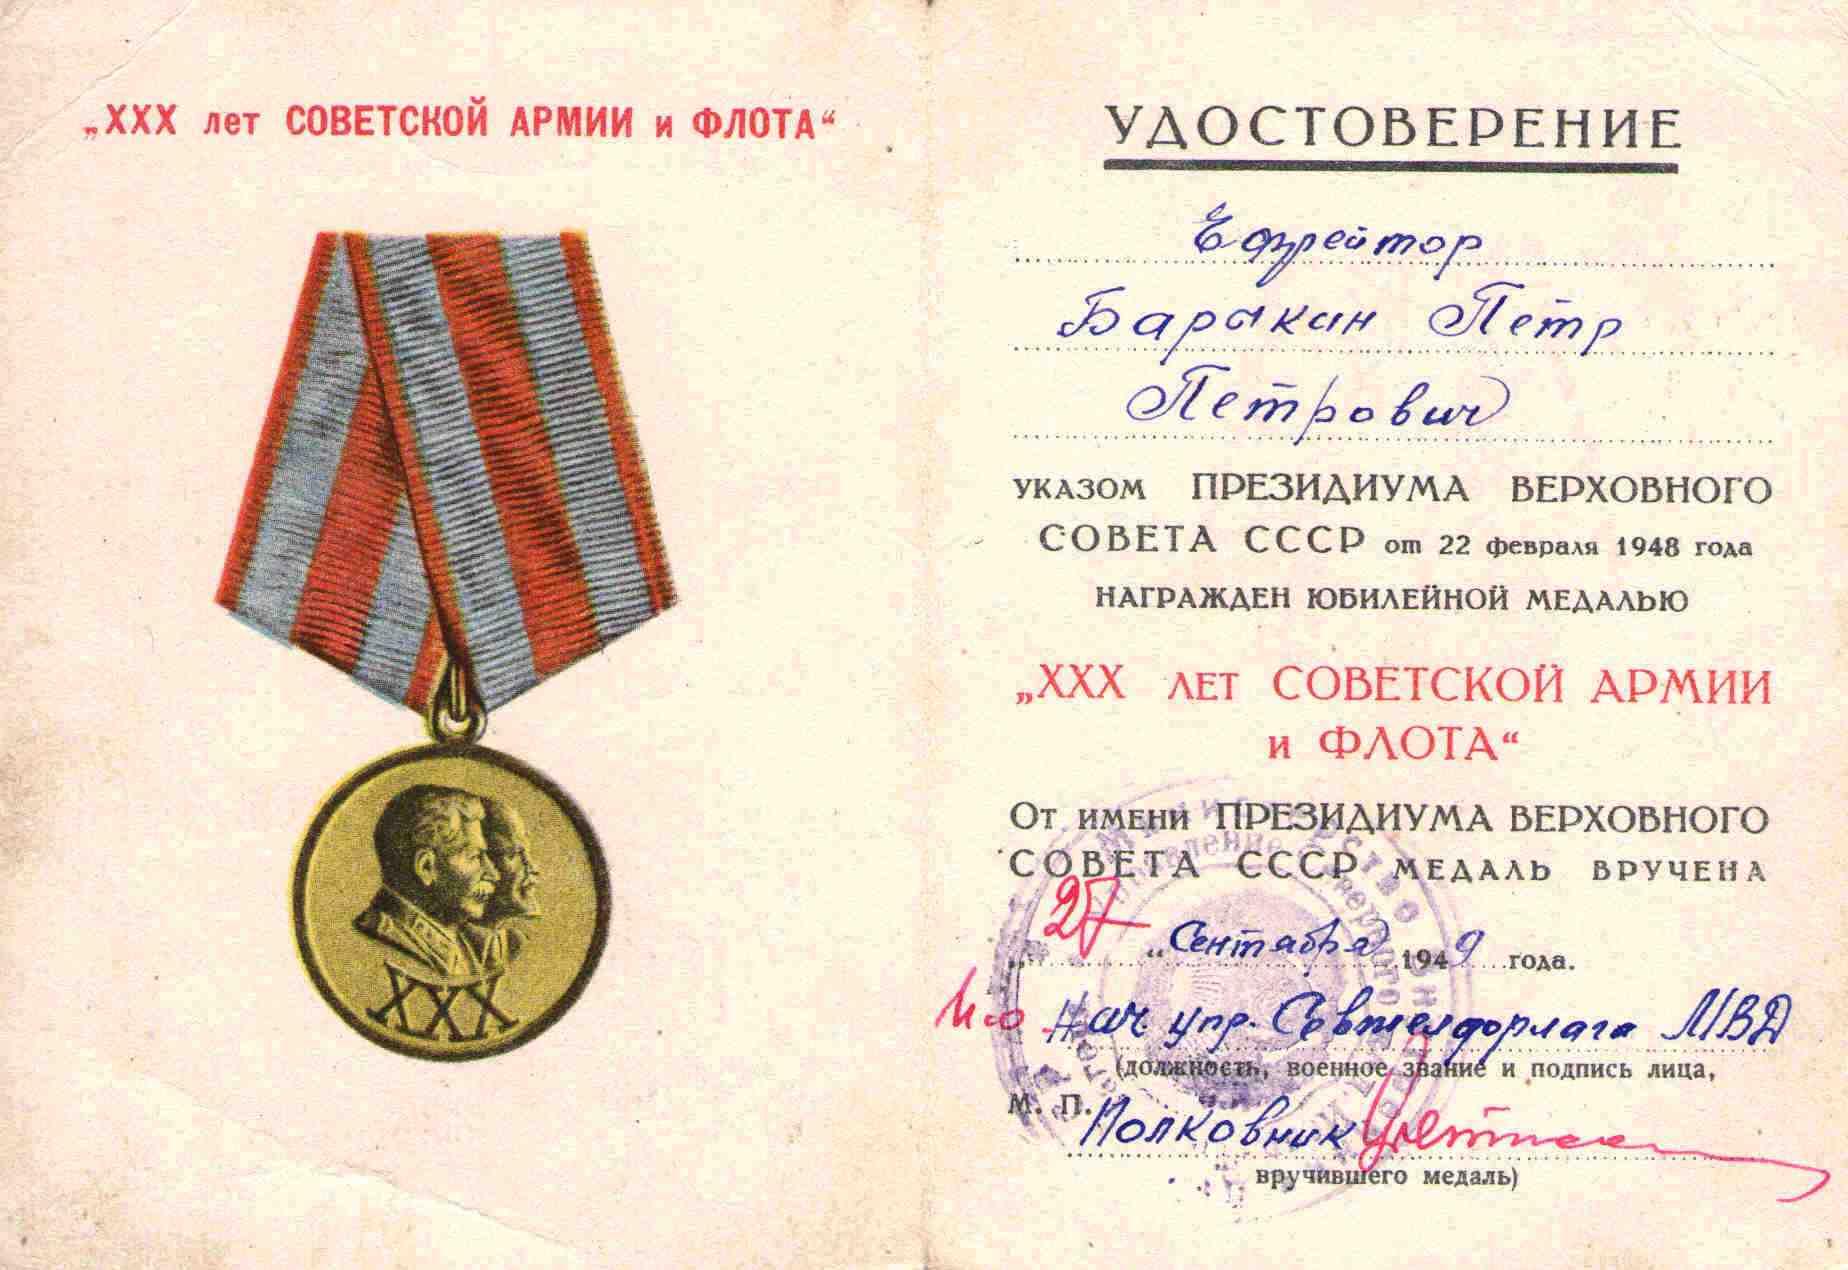 48. Удостоверние к медали 30 лет Советской Армии, Барыкин ПП, 1949